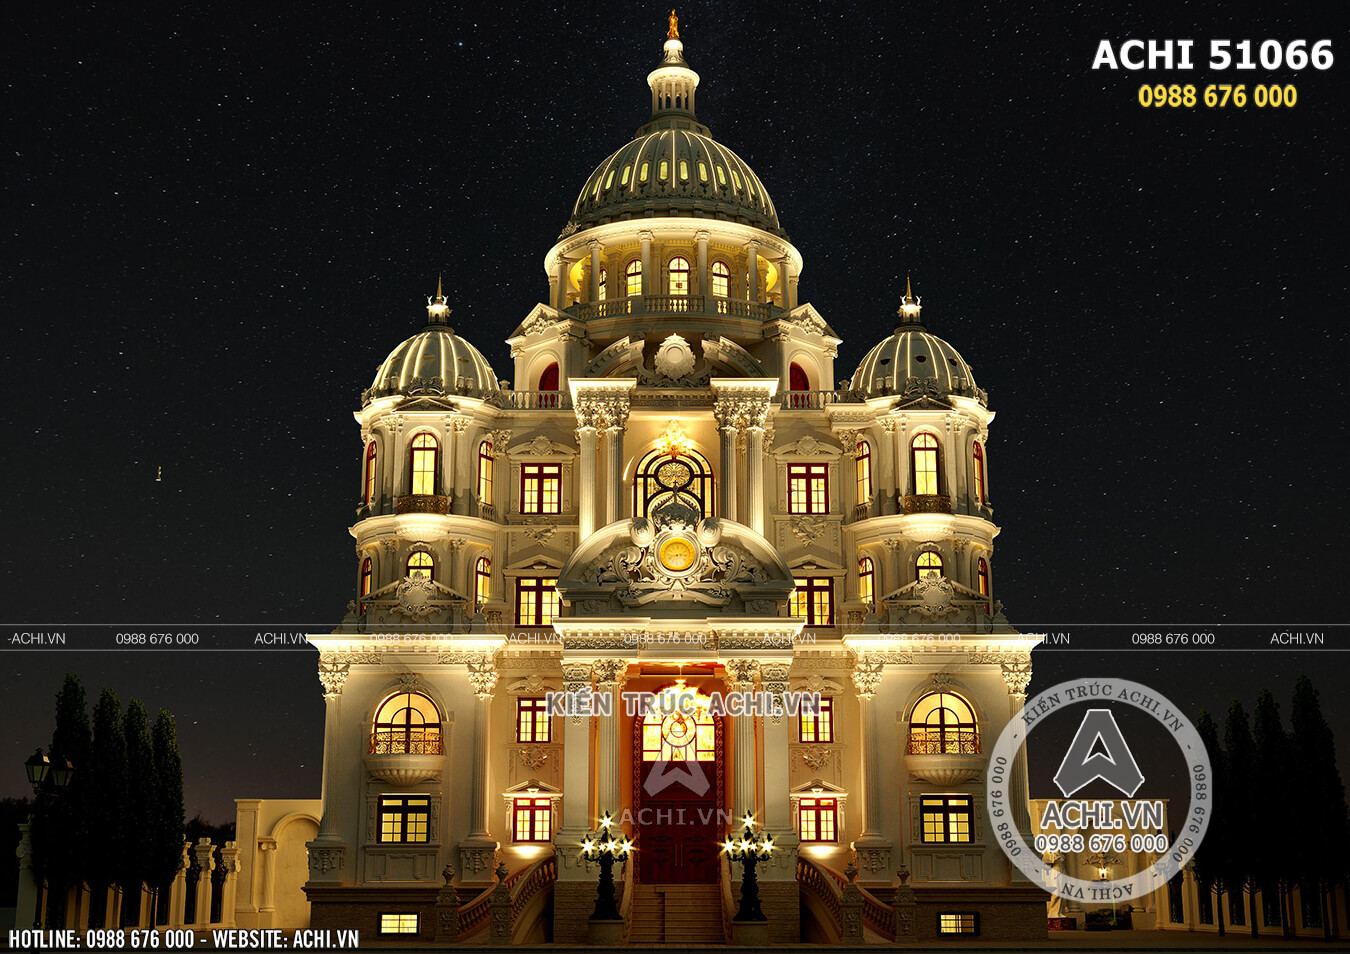 Phối cảnh 3D mặt tiền mẫu thiết kế siêu lâu đài dinh thự đẹp 4 tầng tại Hải Dương: ACHI 51066